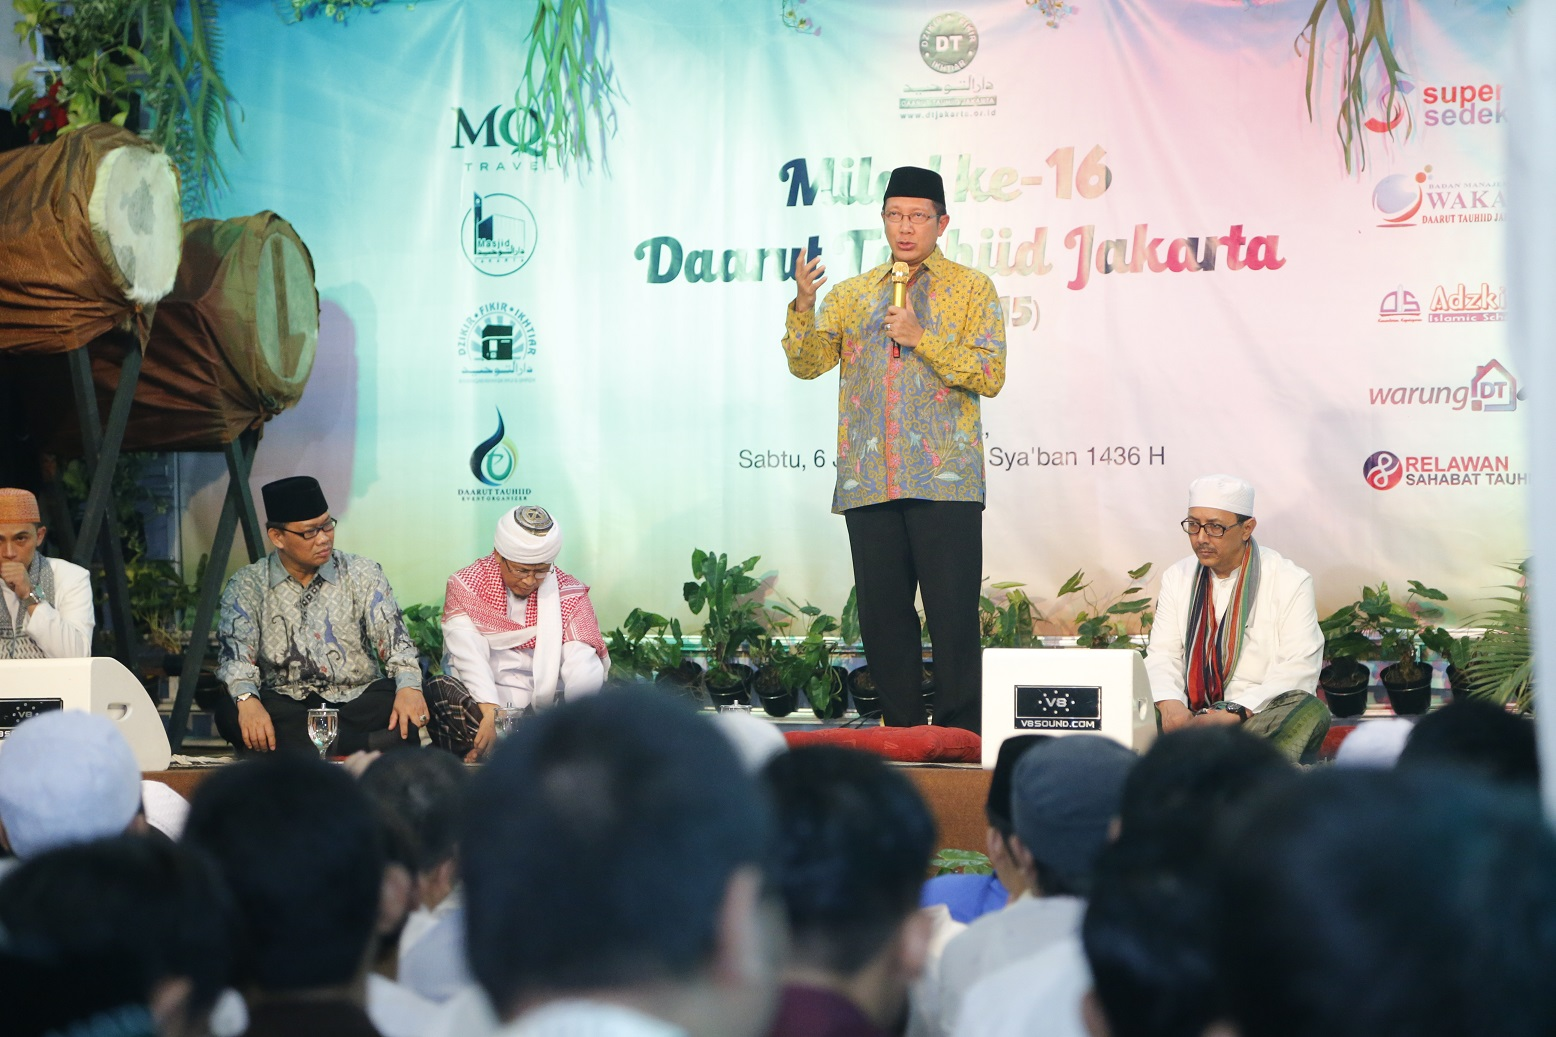 MENTERI AGAMA: HATI, SALAH SATU INTI KEKUATAN UMAT ISLAM